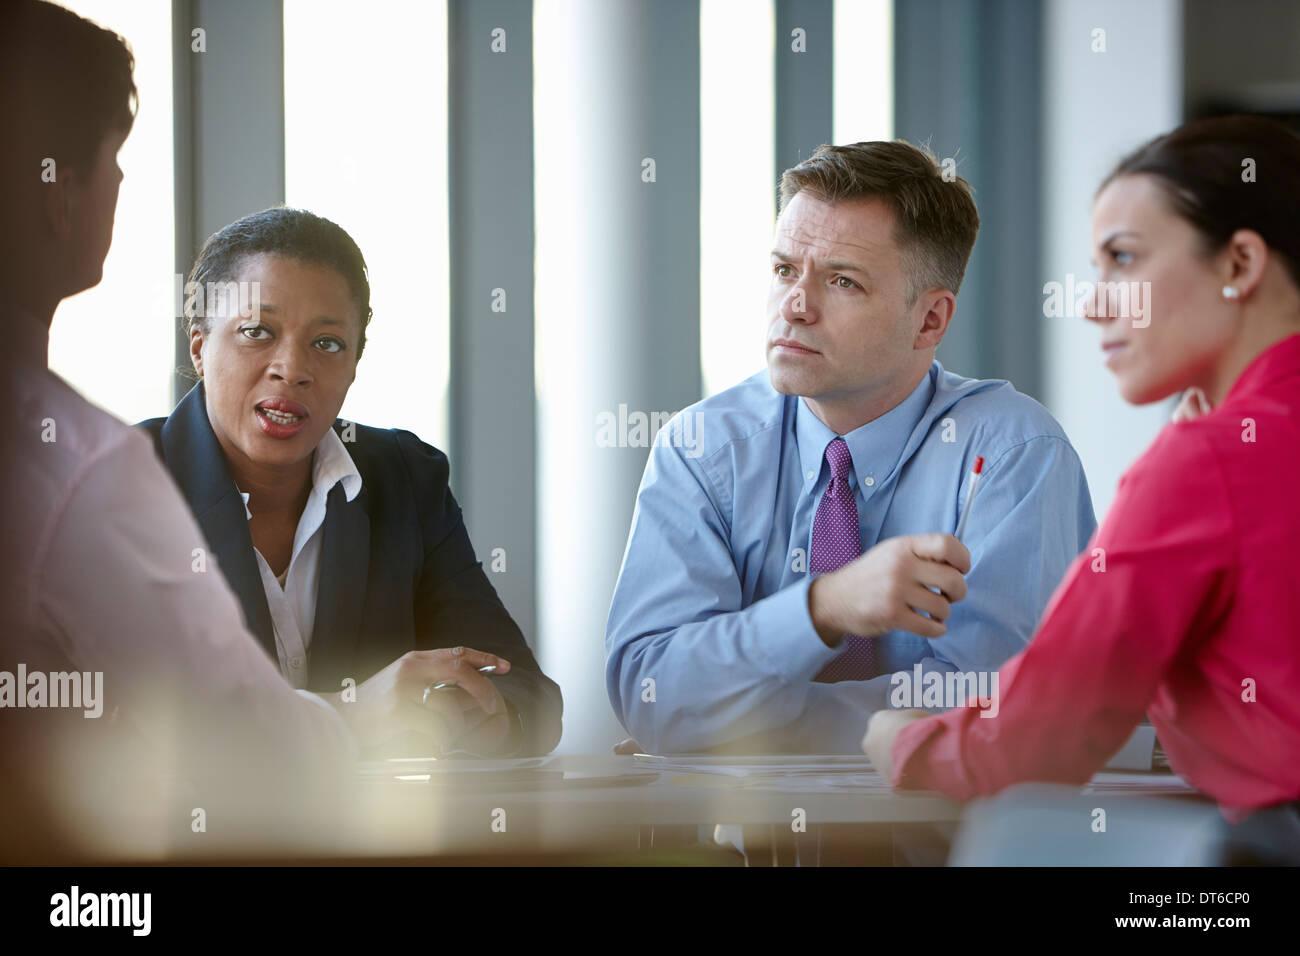 Los compañeros de negocio en reunión Imagen De Stock